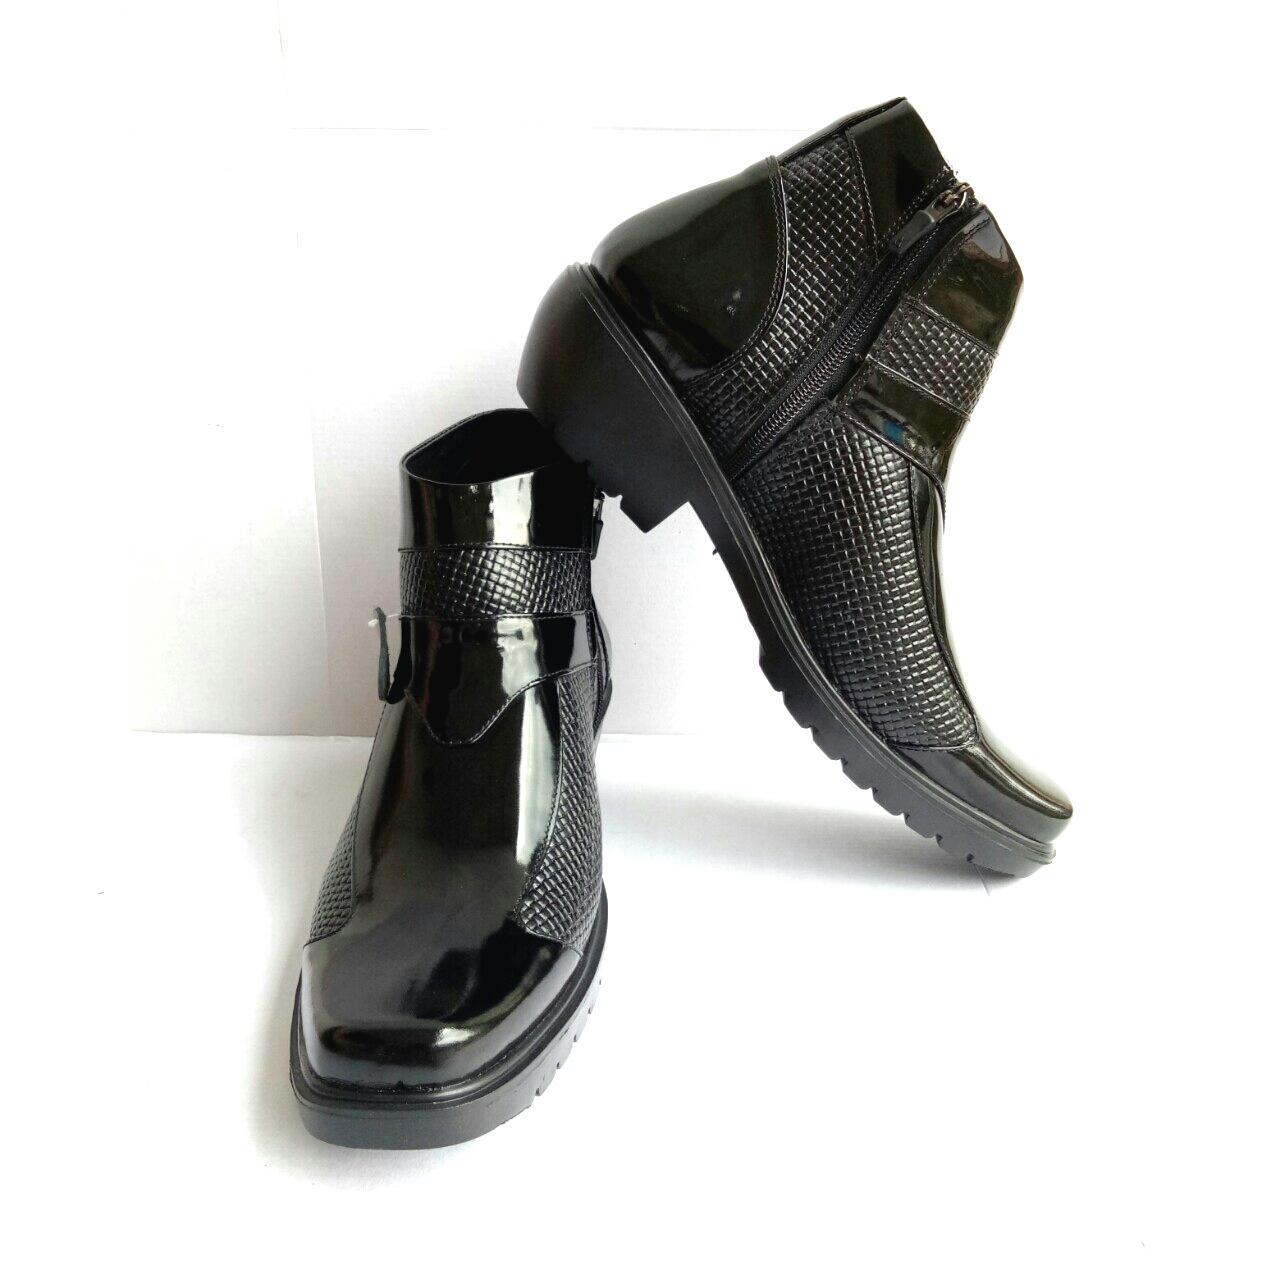 Mandiens Sepatu Boots Jenggel Kulit Asli Original Medali PDH K.383 Export Quality - 4